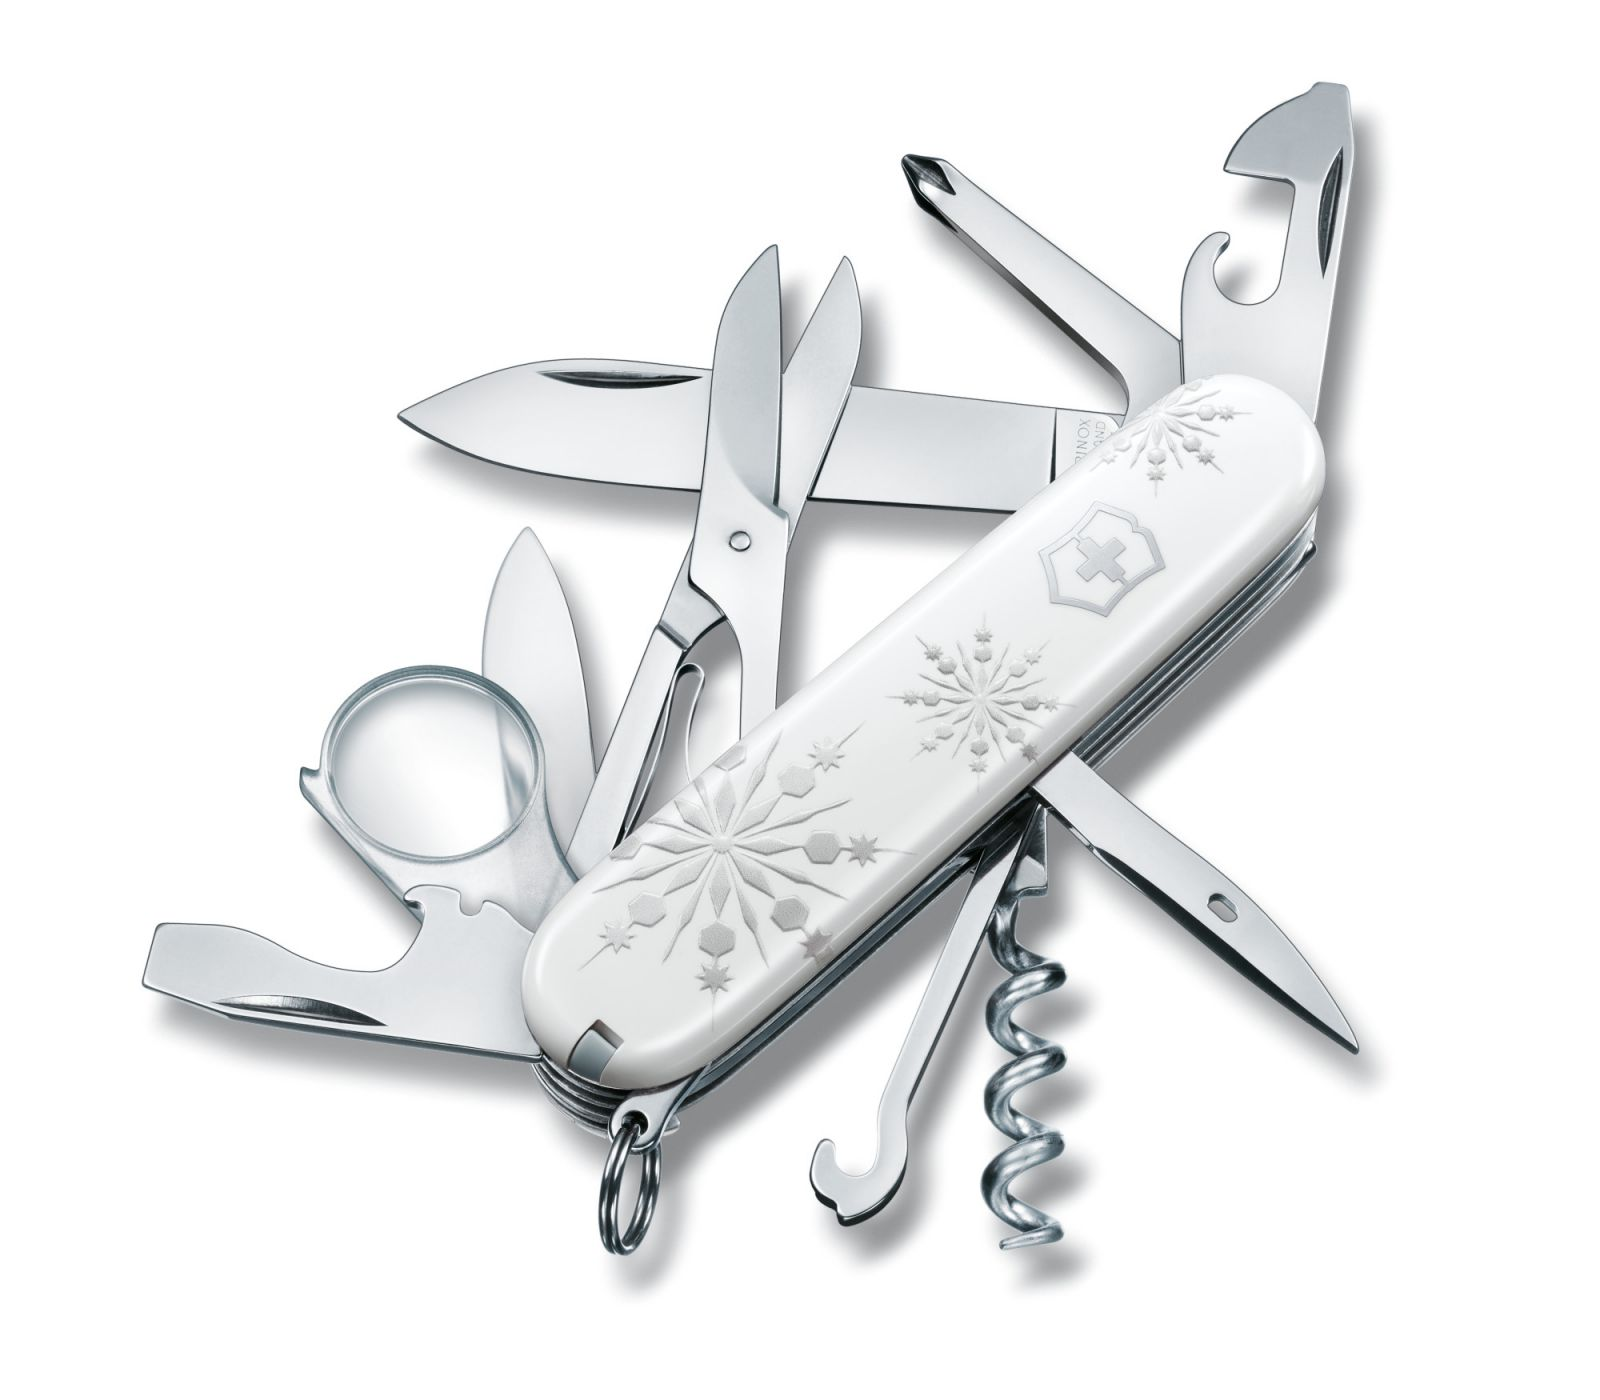 Kapesní nůž Explorer White Christmas Victorinox 1.6703.77 Limitovaná edice - bílé Vánoce - Xmass - švýcarský zavírací nůž